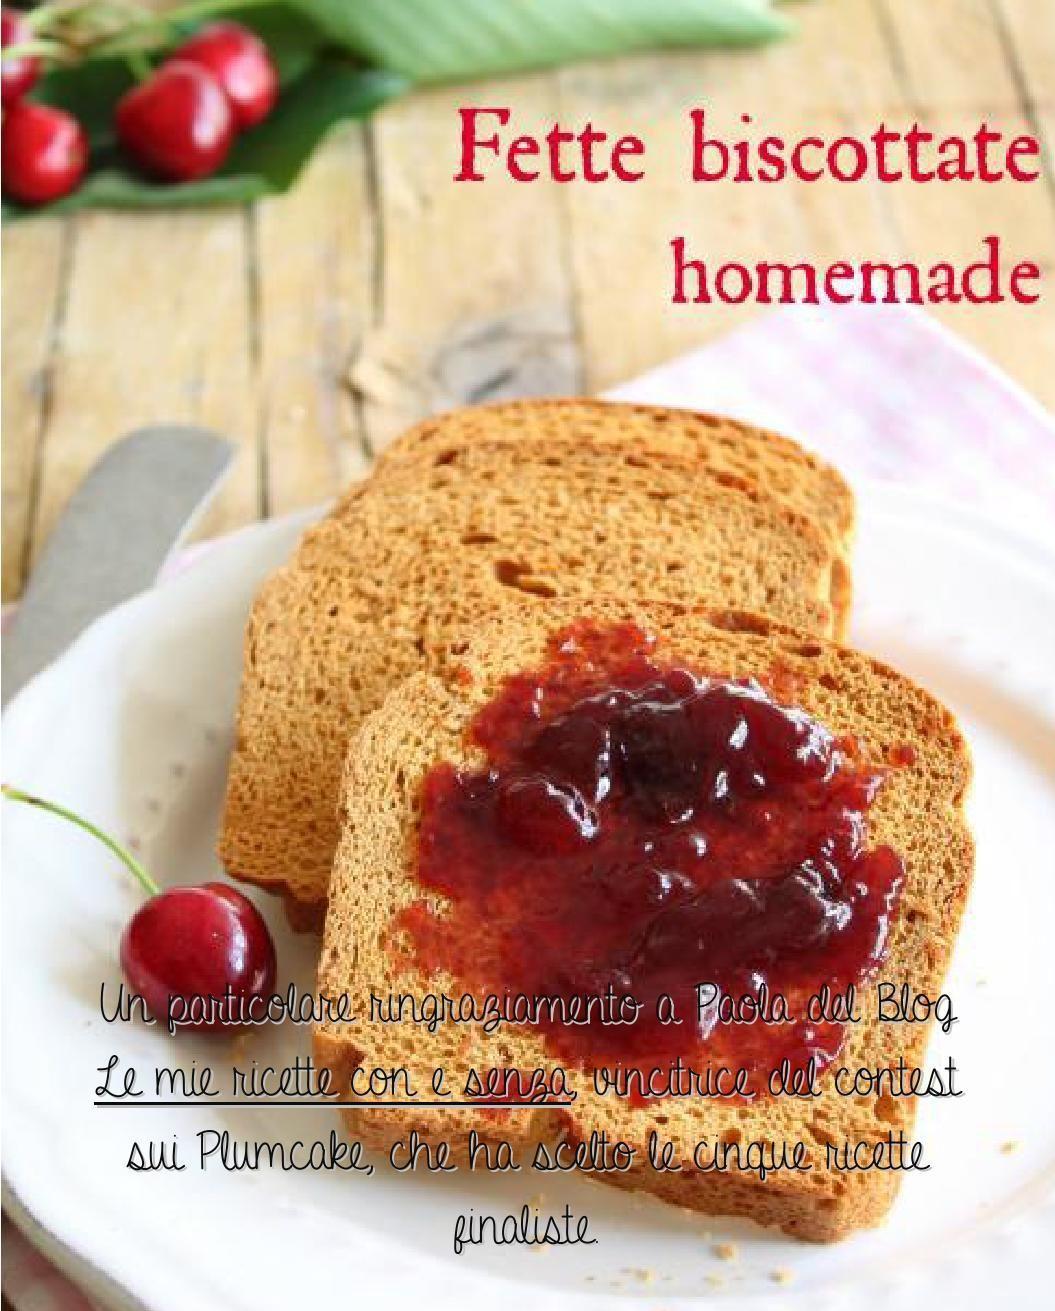 Raccolta Pane Dolce e Fette biscottate | Cucina and Recipes